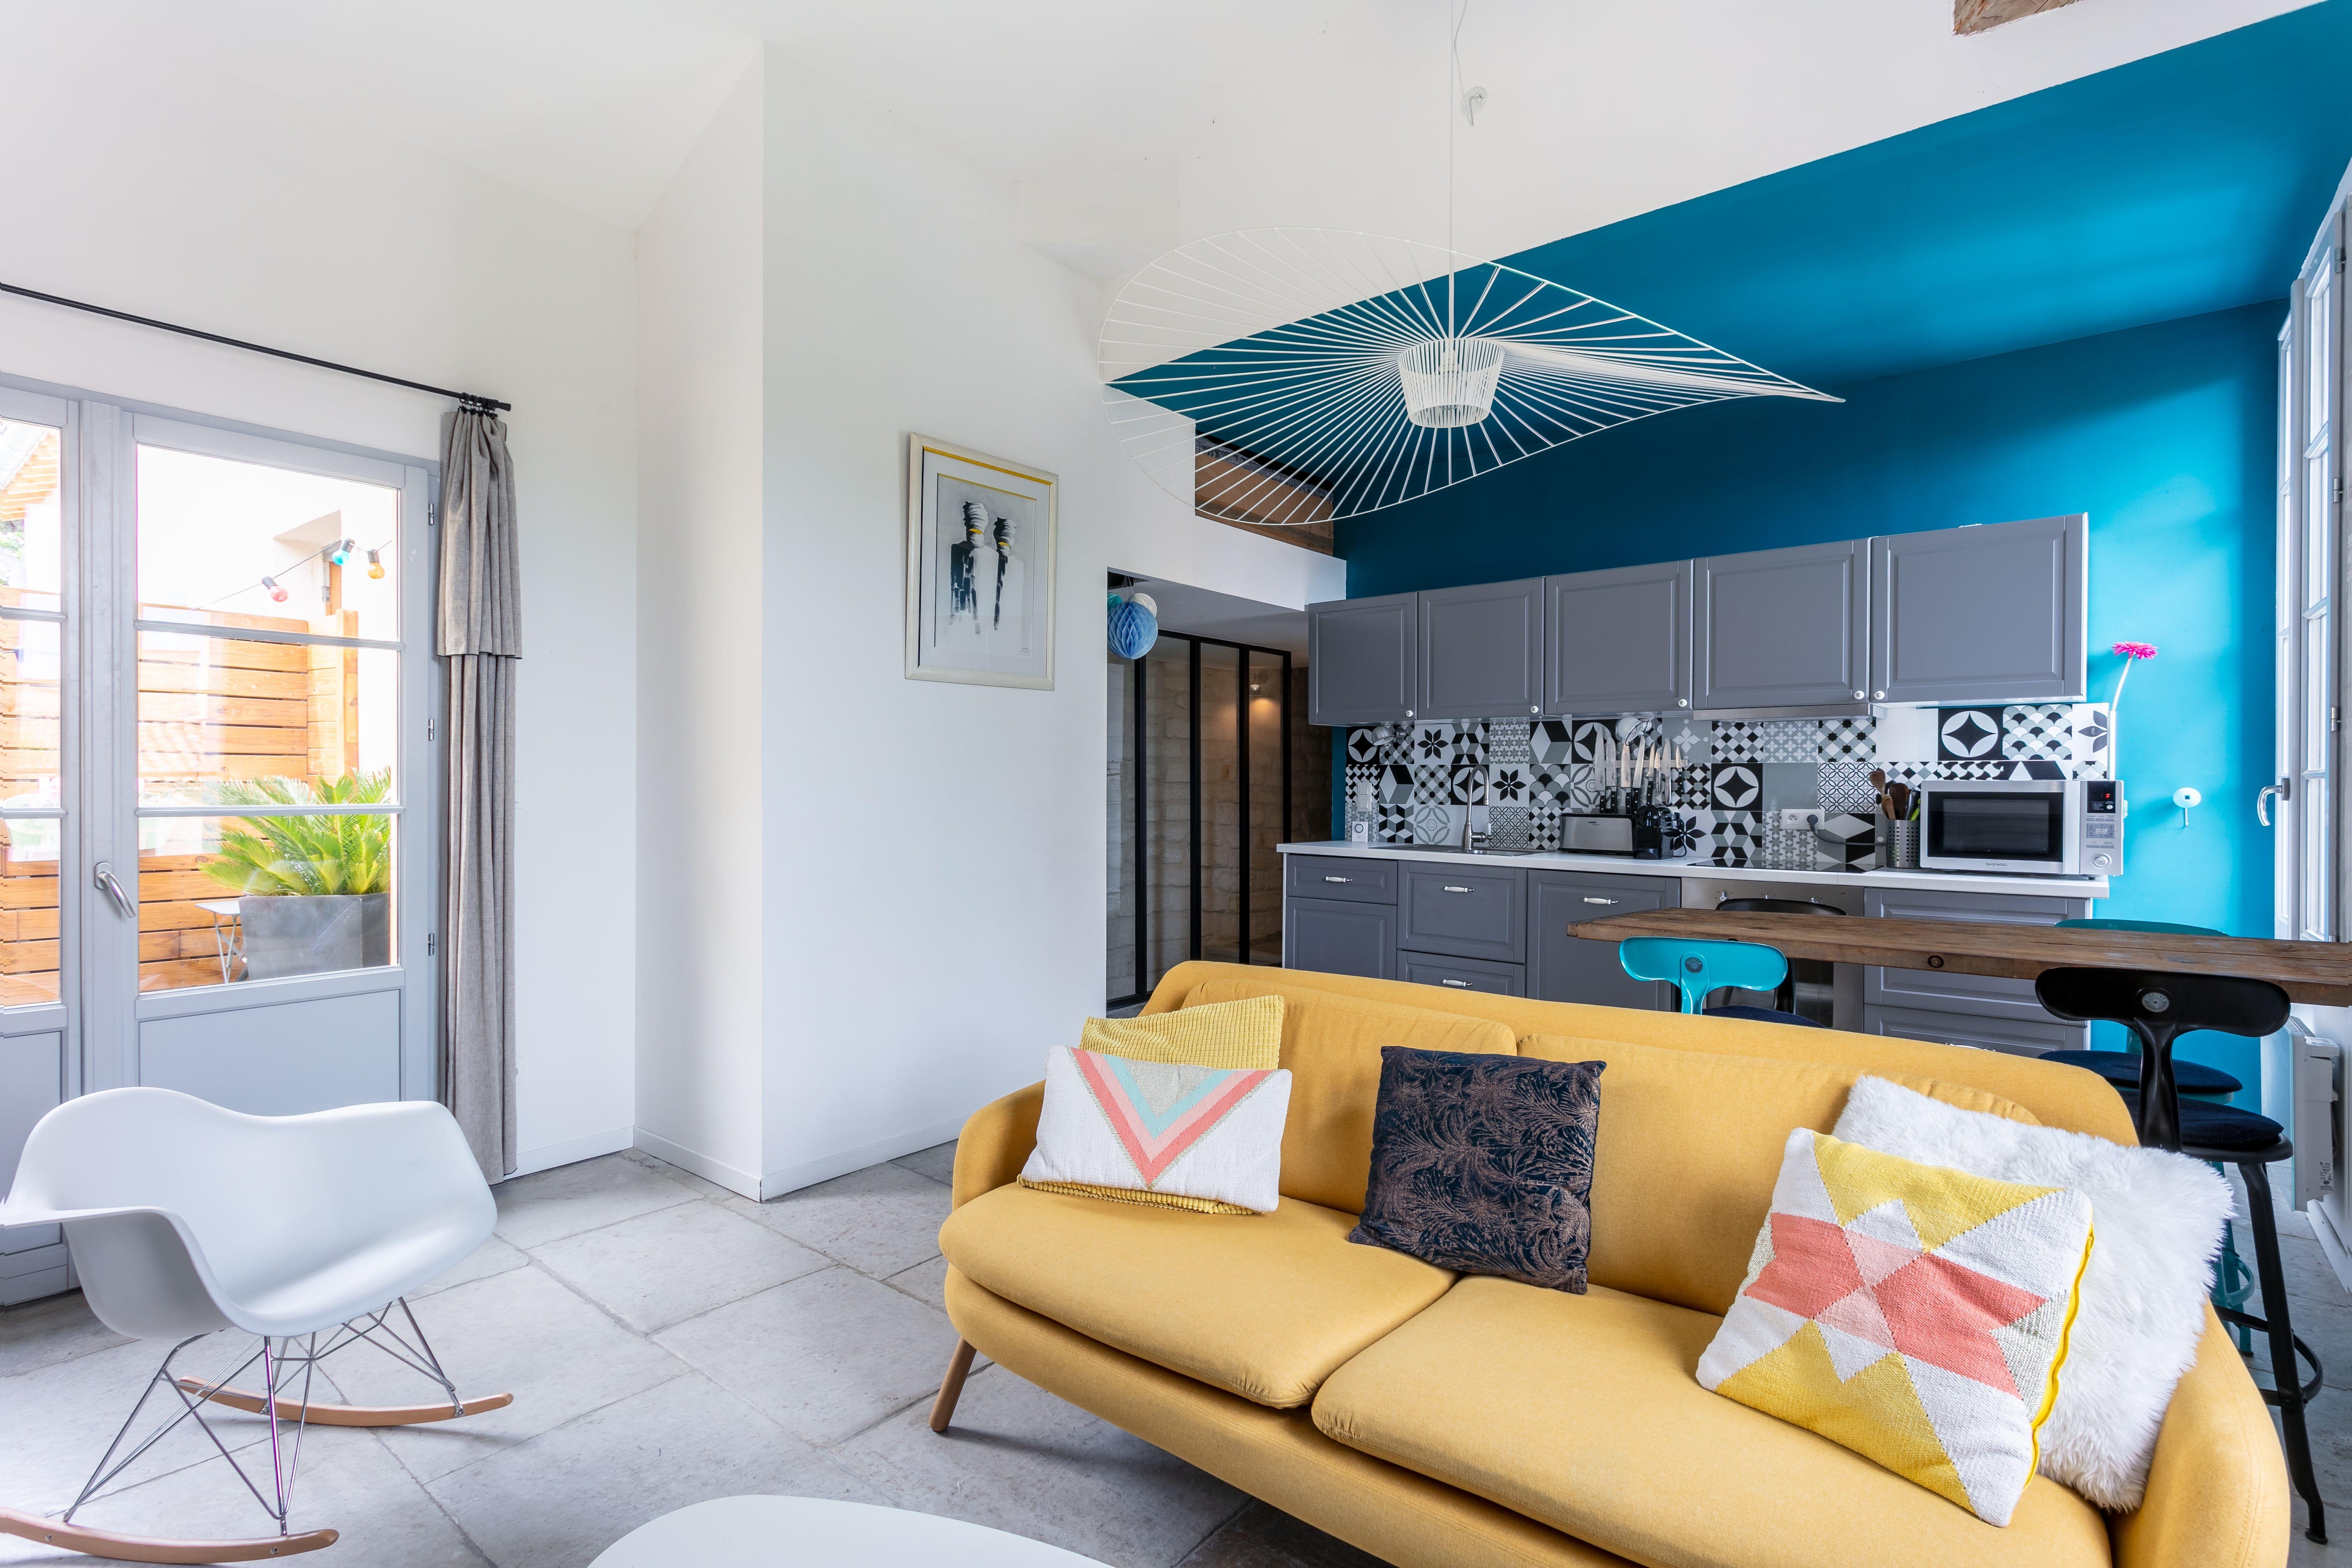 Proche Du Parc Du Peyrou Et Du Jardin Des Plantes Cette Maison Est Idealement Situee Et Tres Agreable En 2020 Appartement Meuble Mobilier De Salon Beaux Appartements